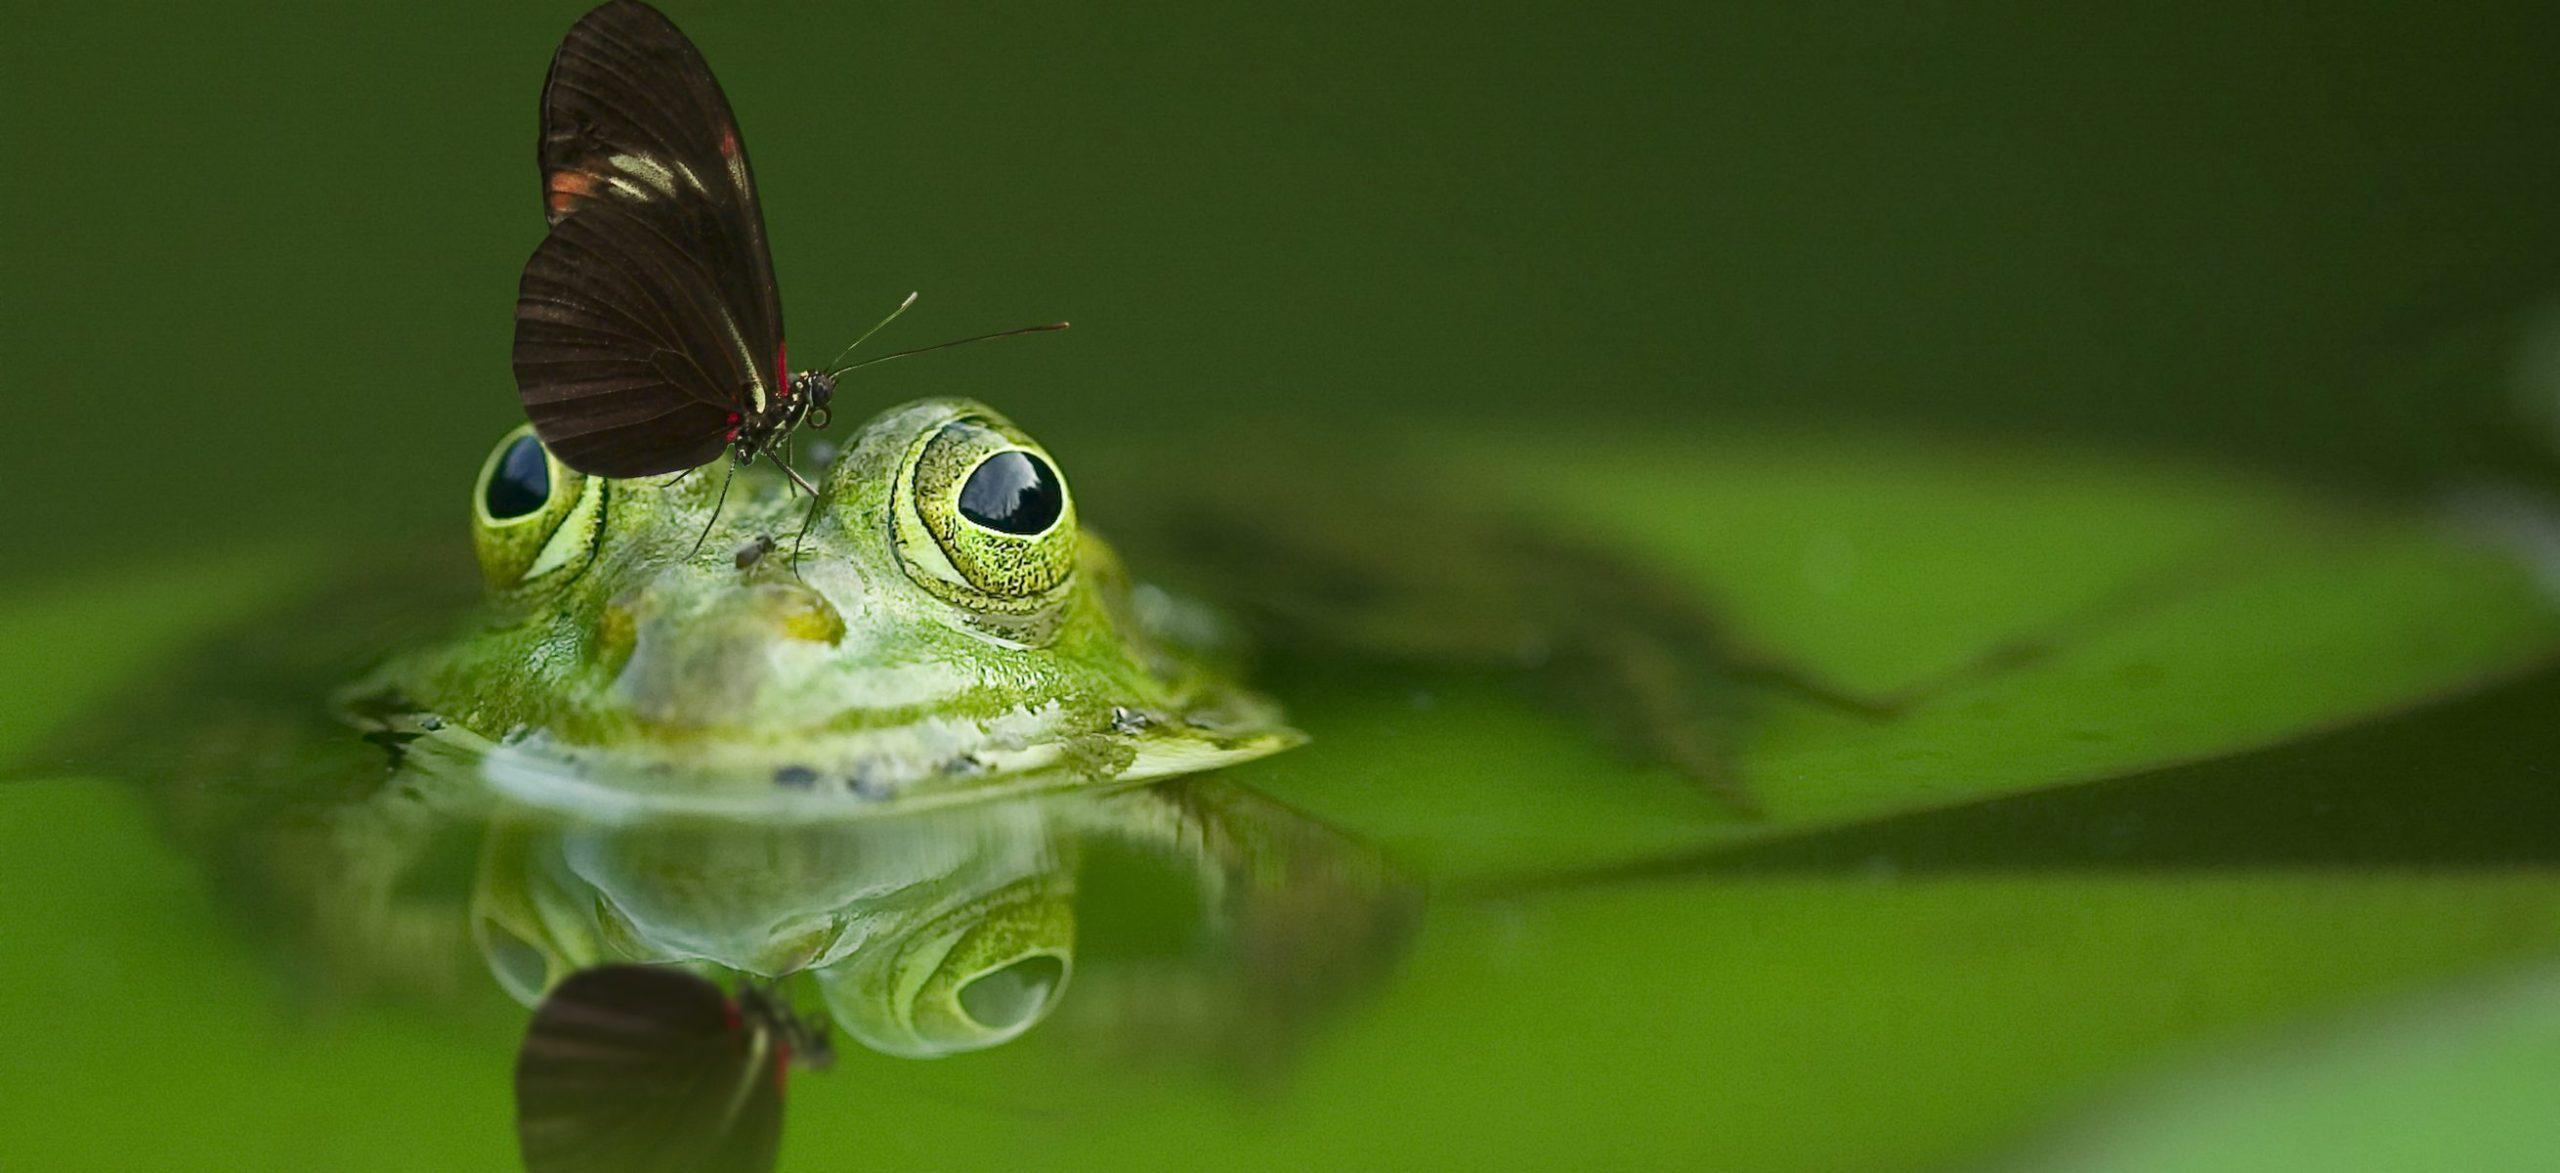 Informační materiály o přírodě a biodiverzitě: Evropská komise potřebuje profi podporu